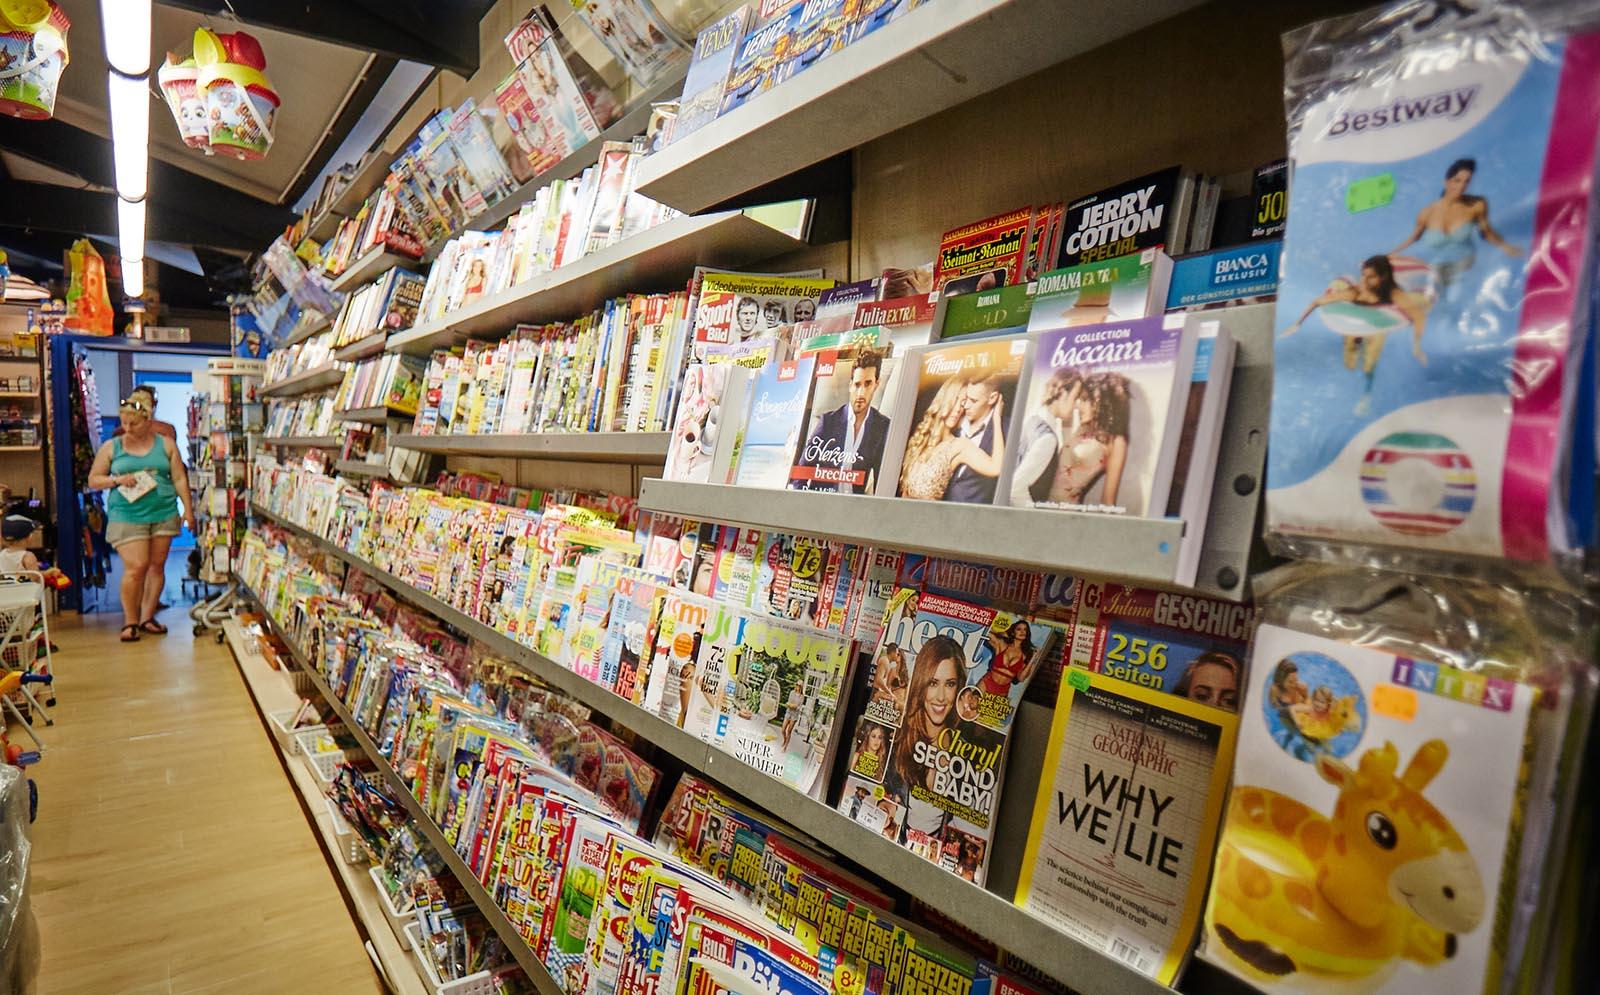 4-Newspapers-Zeitungen-Spiele-Games-Cavallino